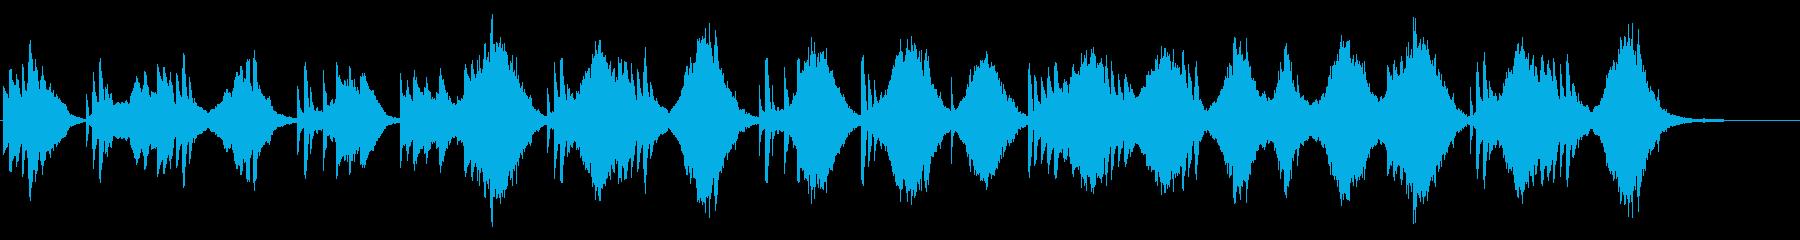 ジェリー・ゴールドスミスにインスパ...の再生済みの波形